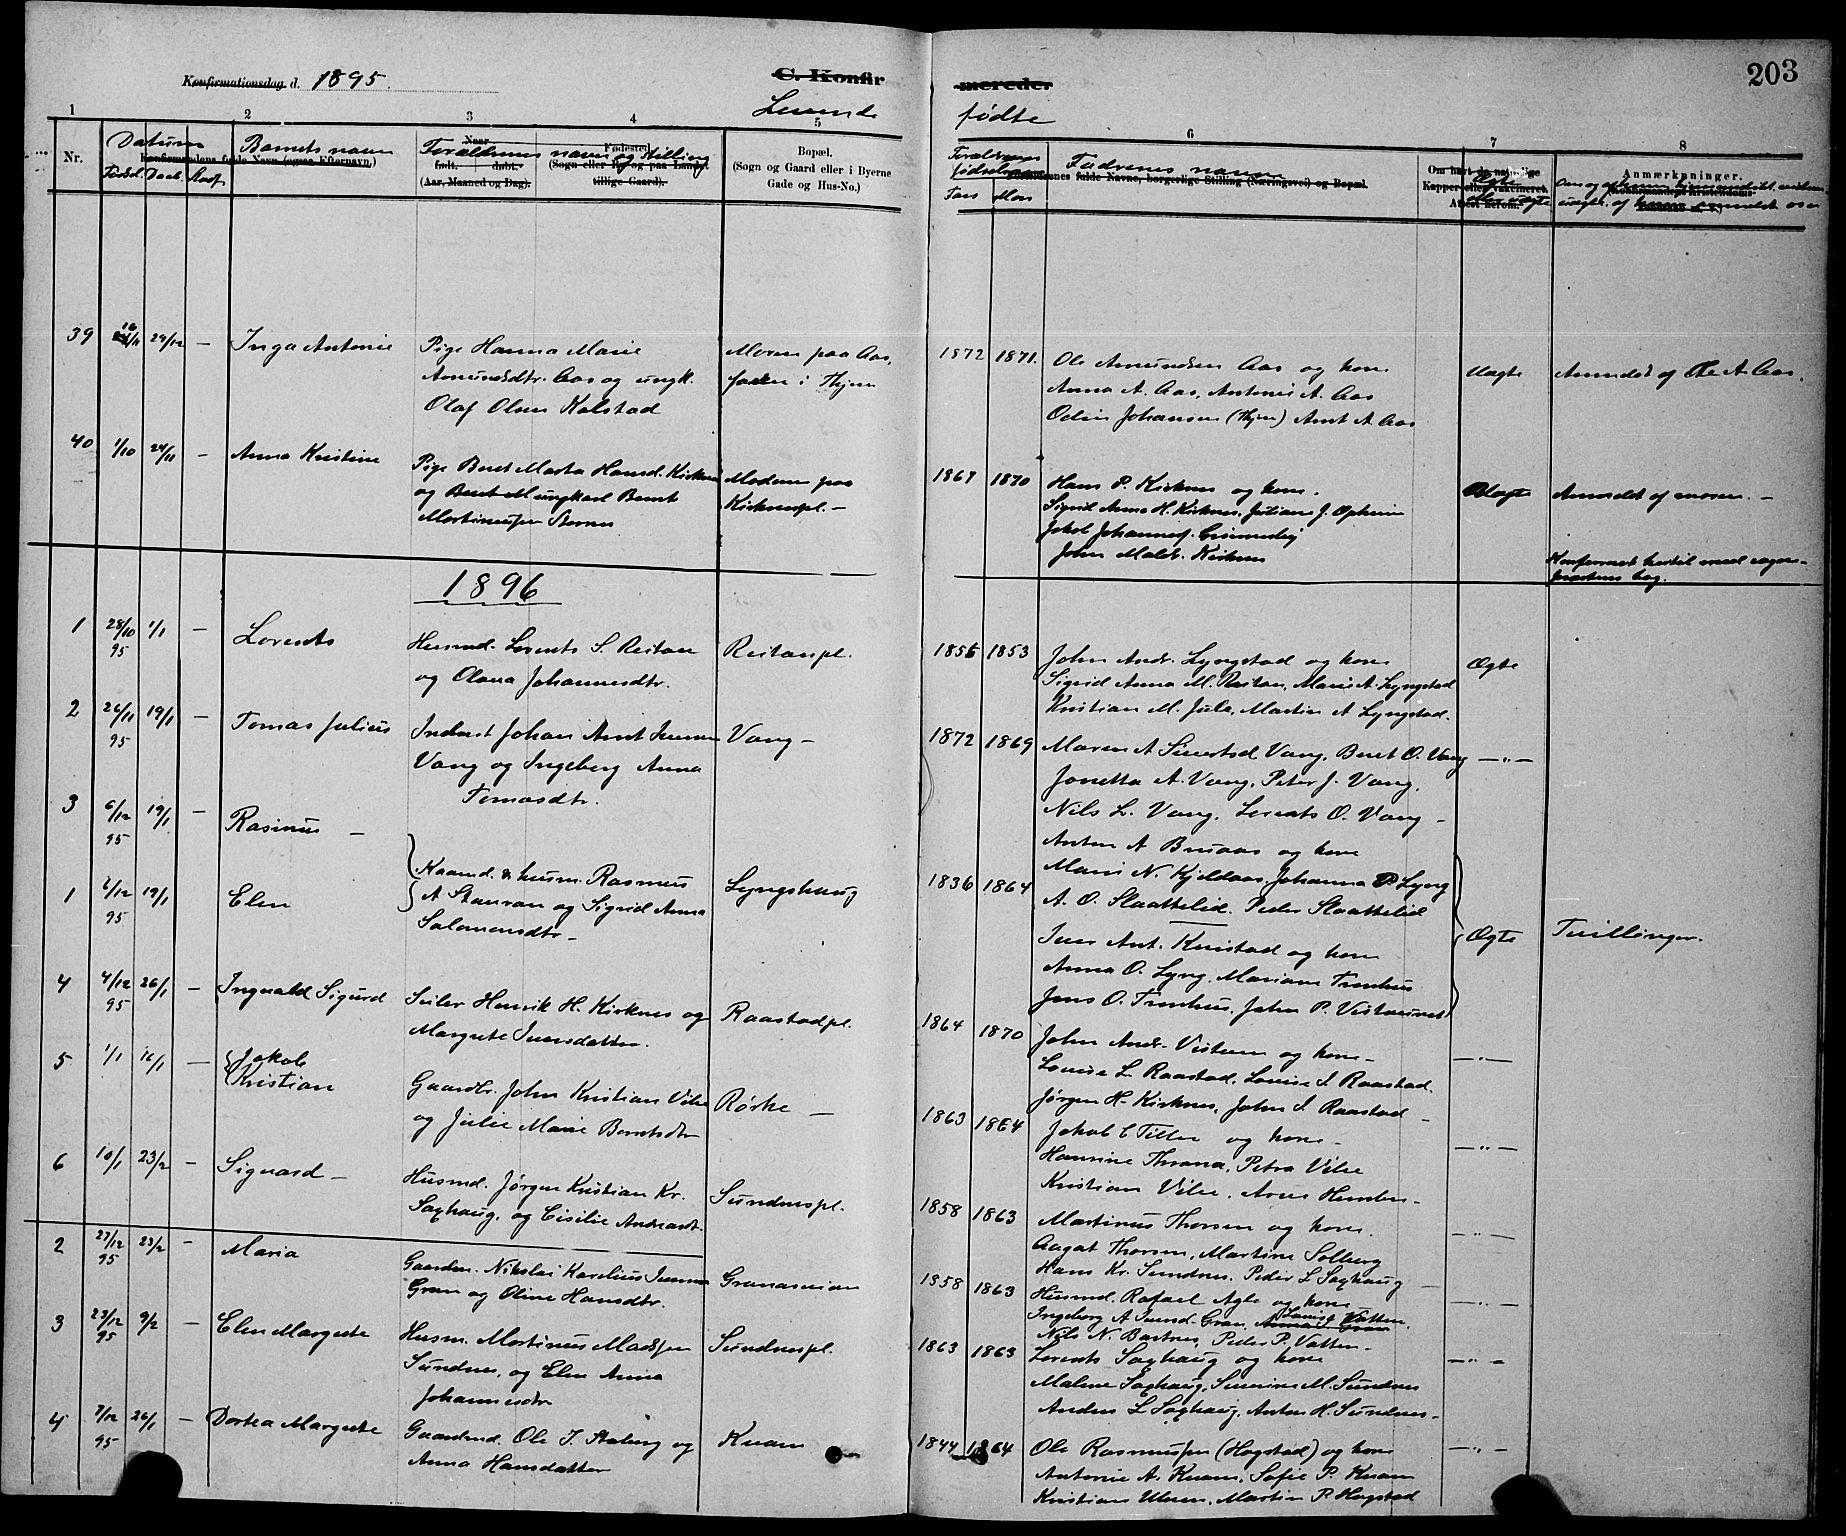 SAT, Ministerialprotokoller, klokkerbøker og fødselsregistre - Nord-Trøndelag, 730/L0301: Klokkerbok nr. 730C04, 1880-1897, s. 203